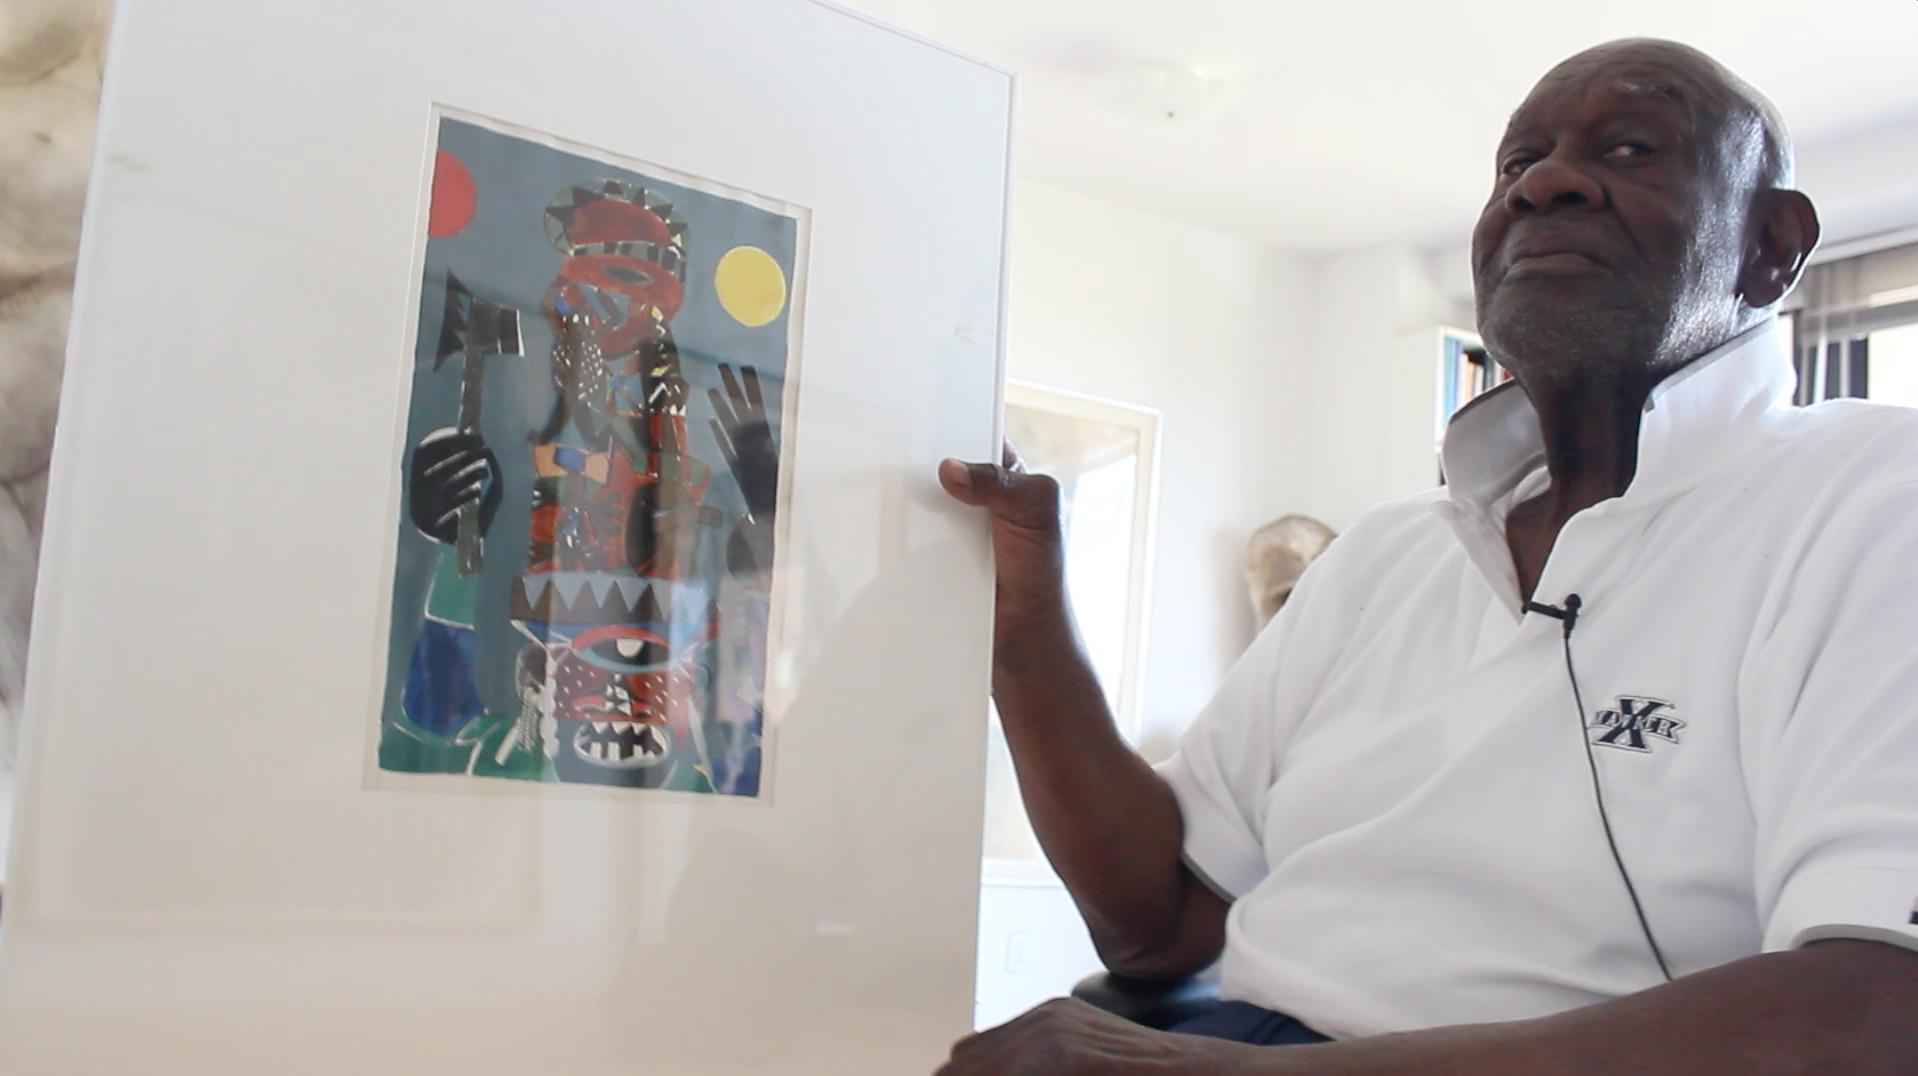 (still grab) man holding artwork